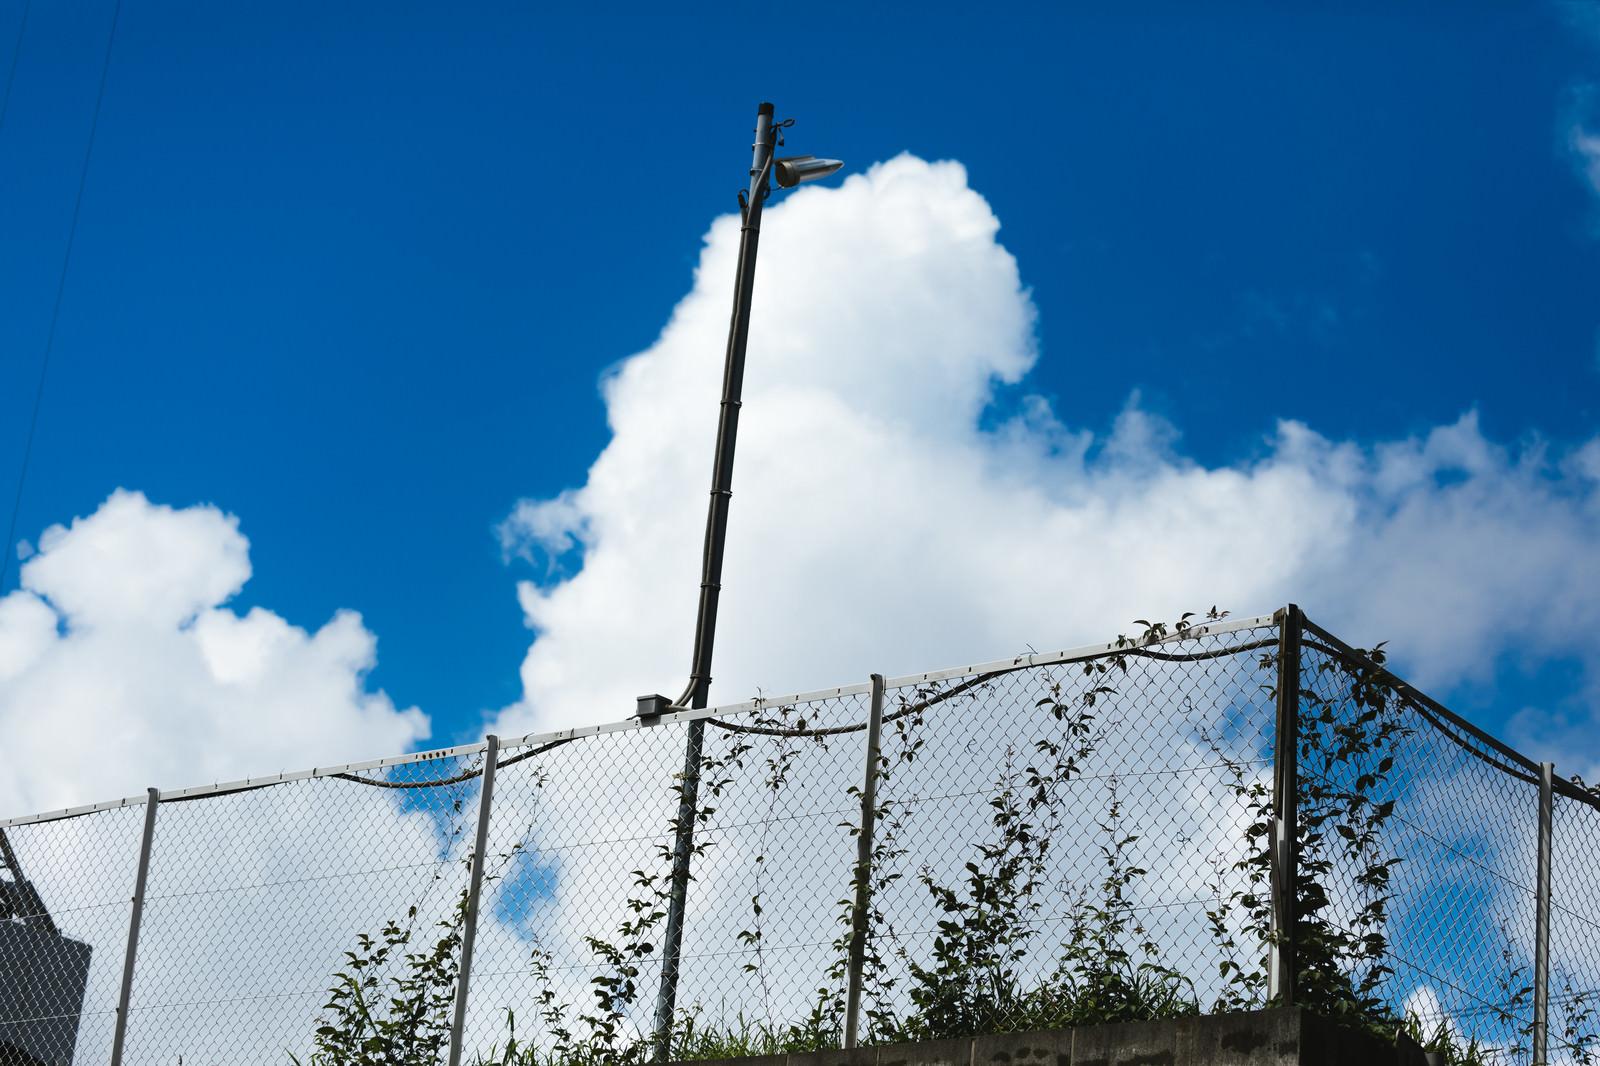 「公園の柵と真夏空公園の柵と真夏空」のフリー写真素材を拡大